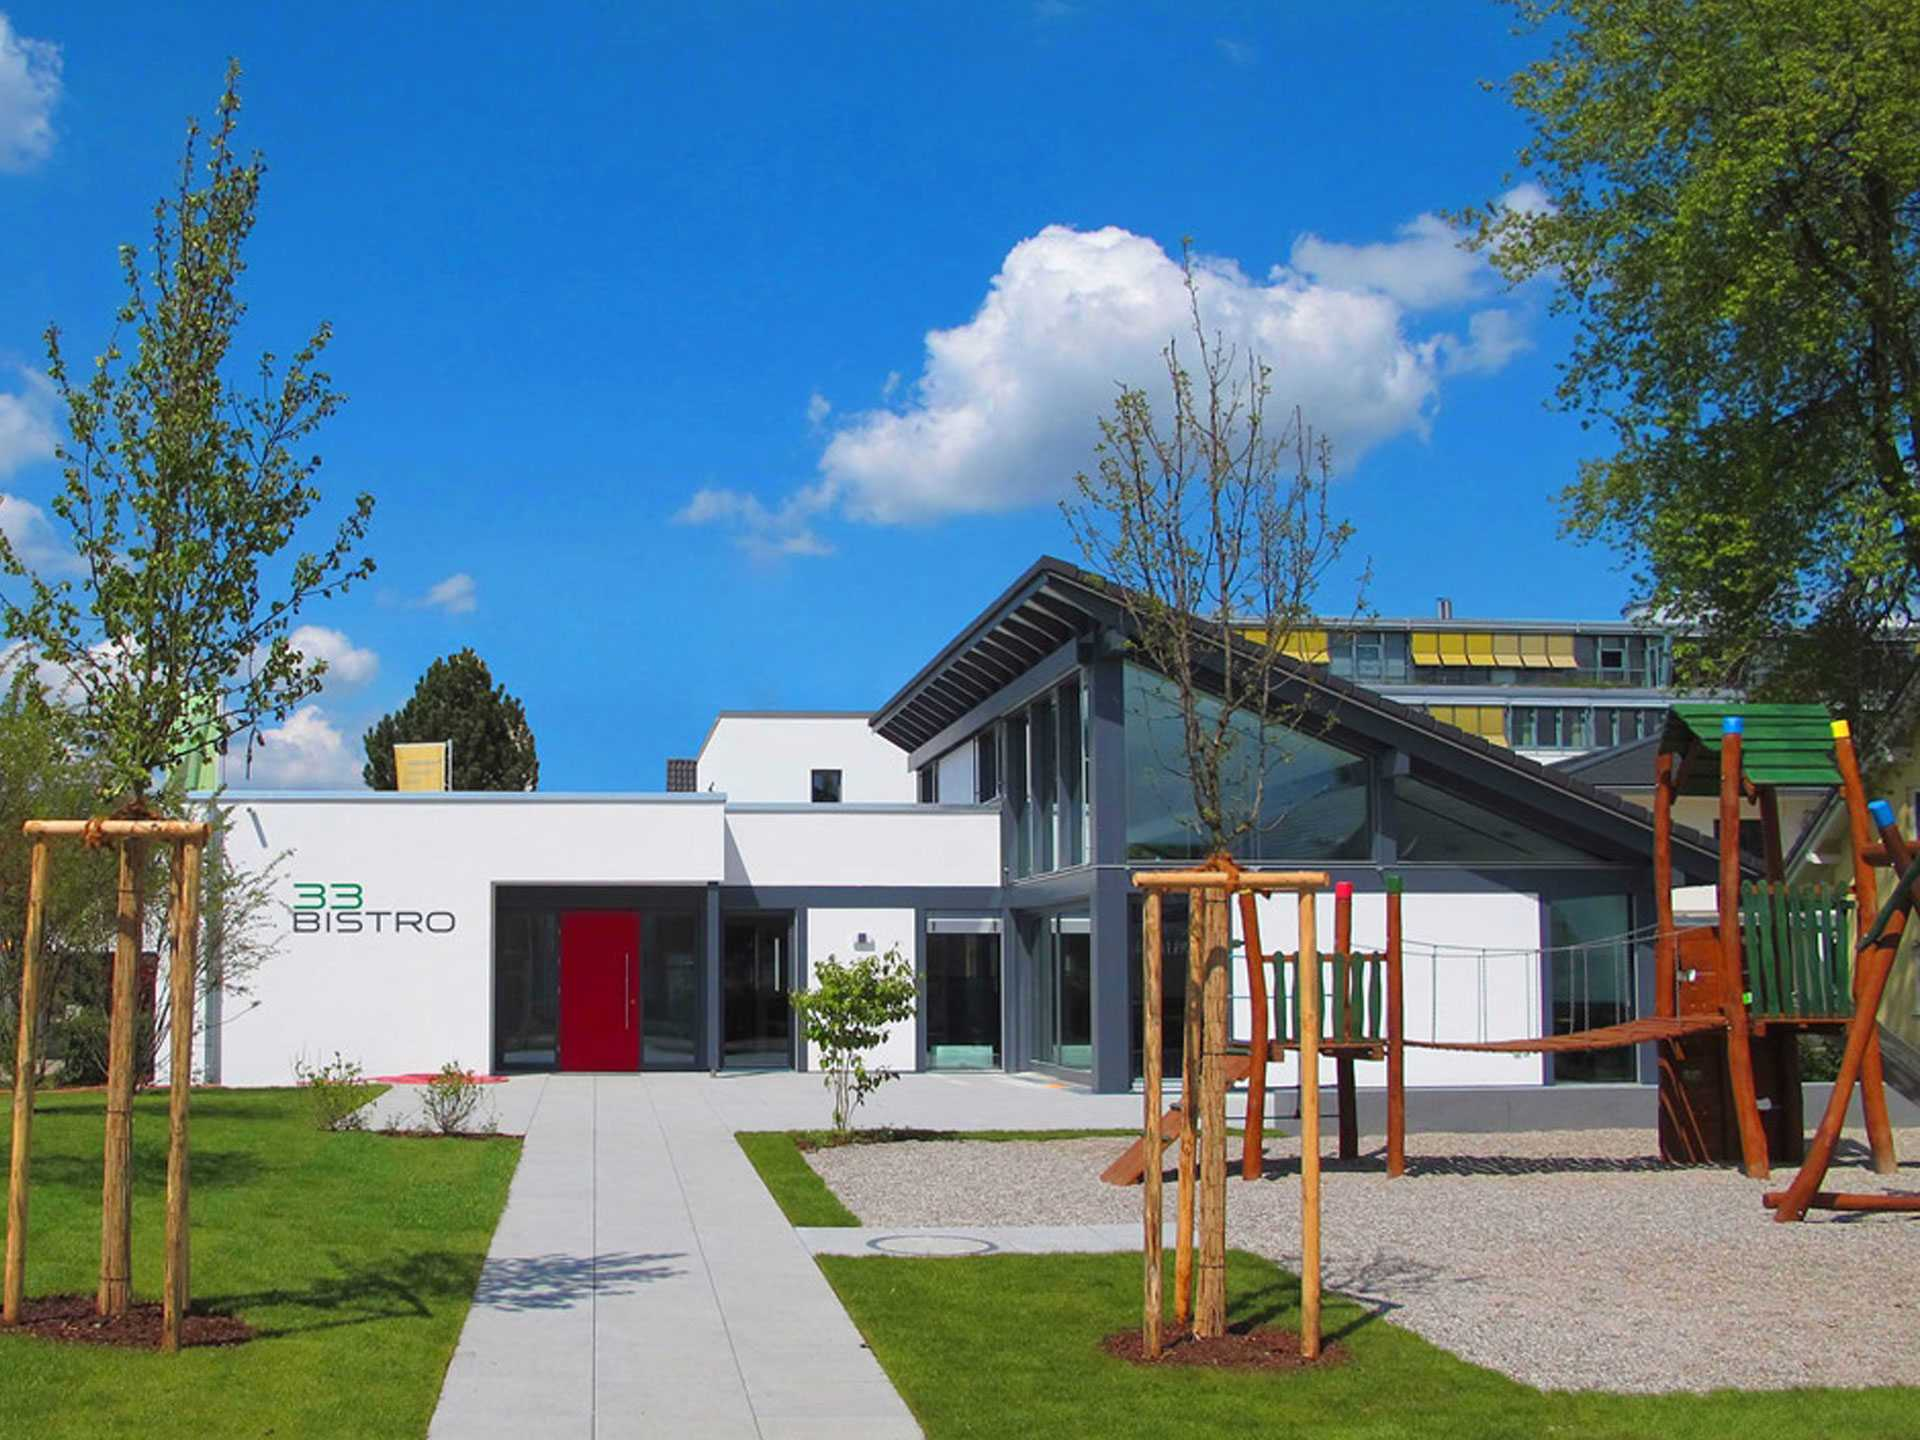 Ausstellungsrestaurant Bistro 33, Hausausstellung Fellbach